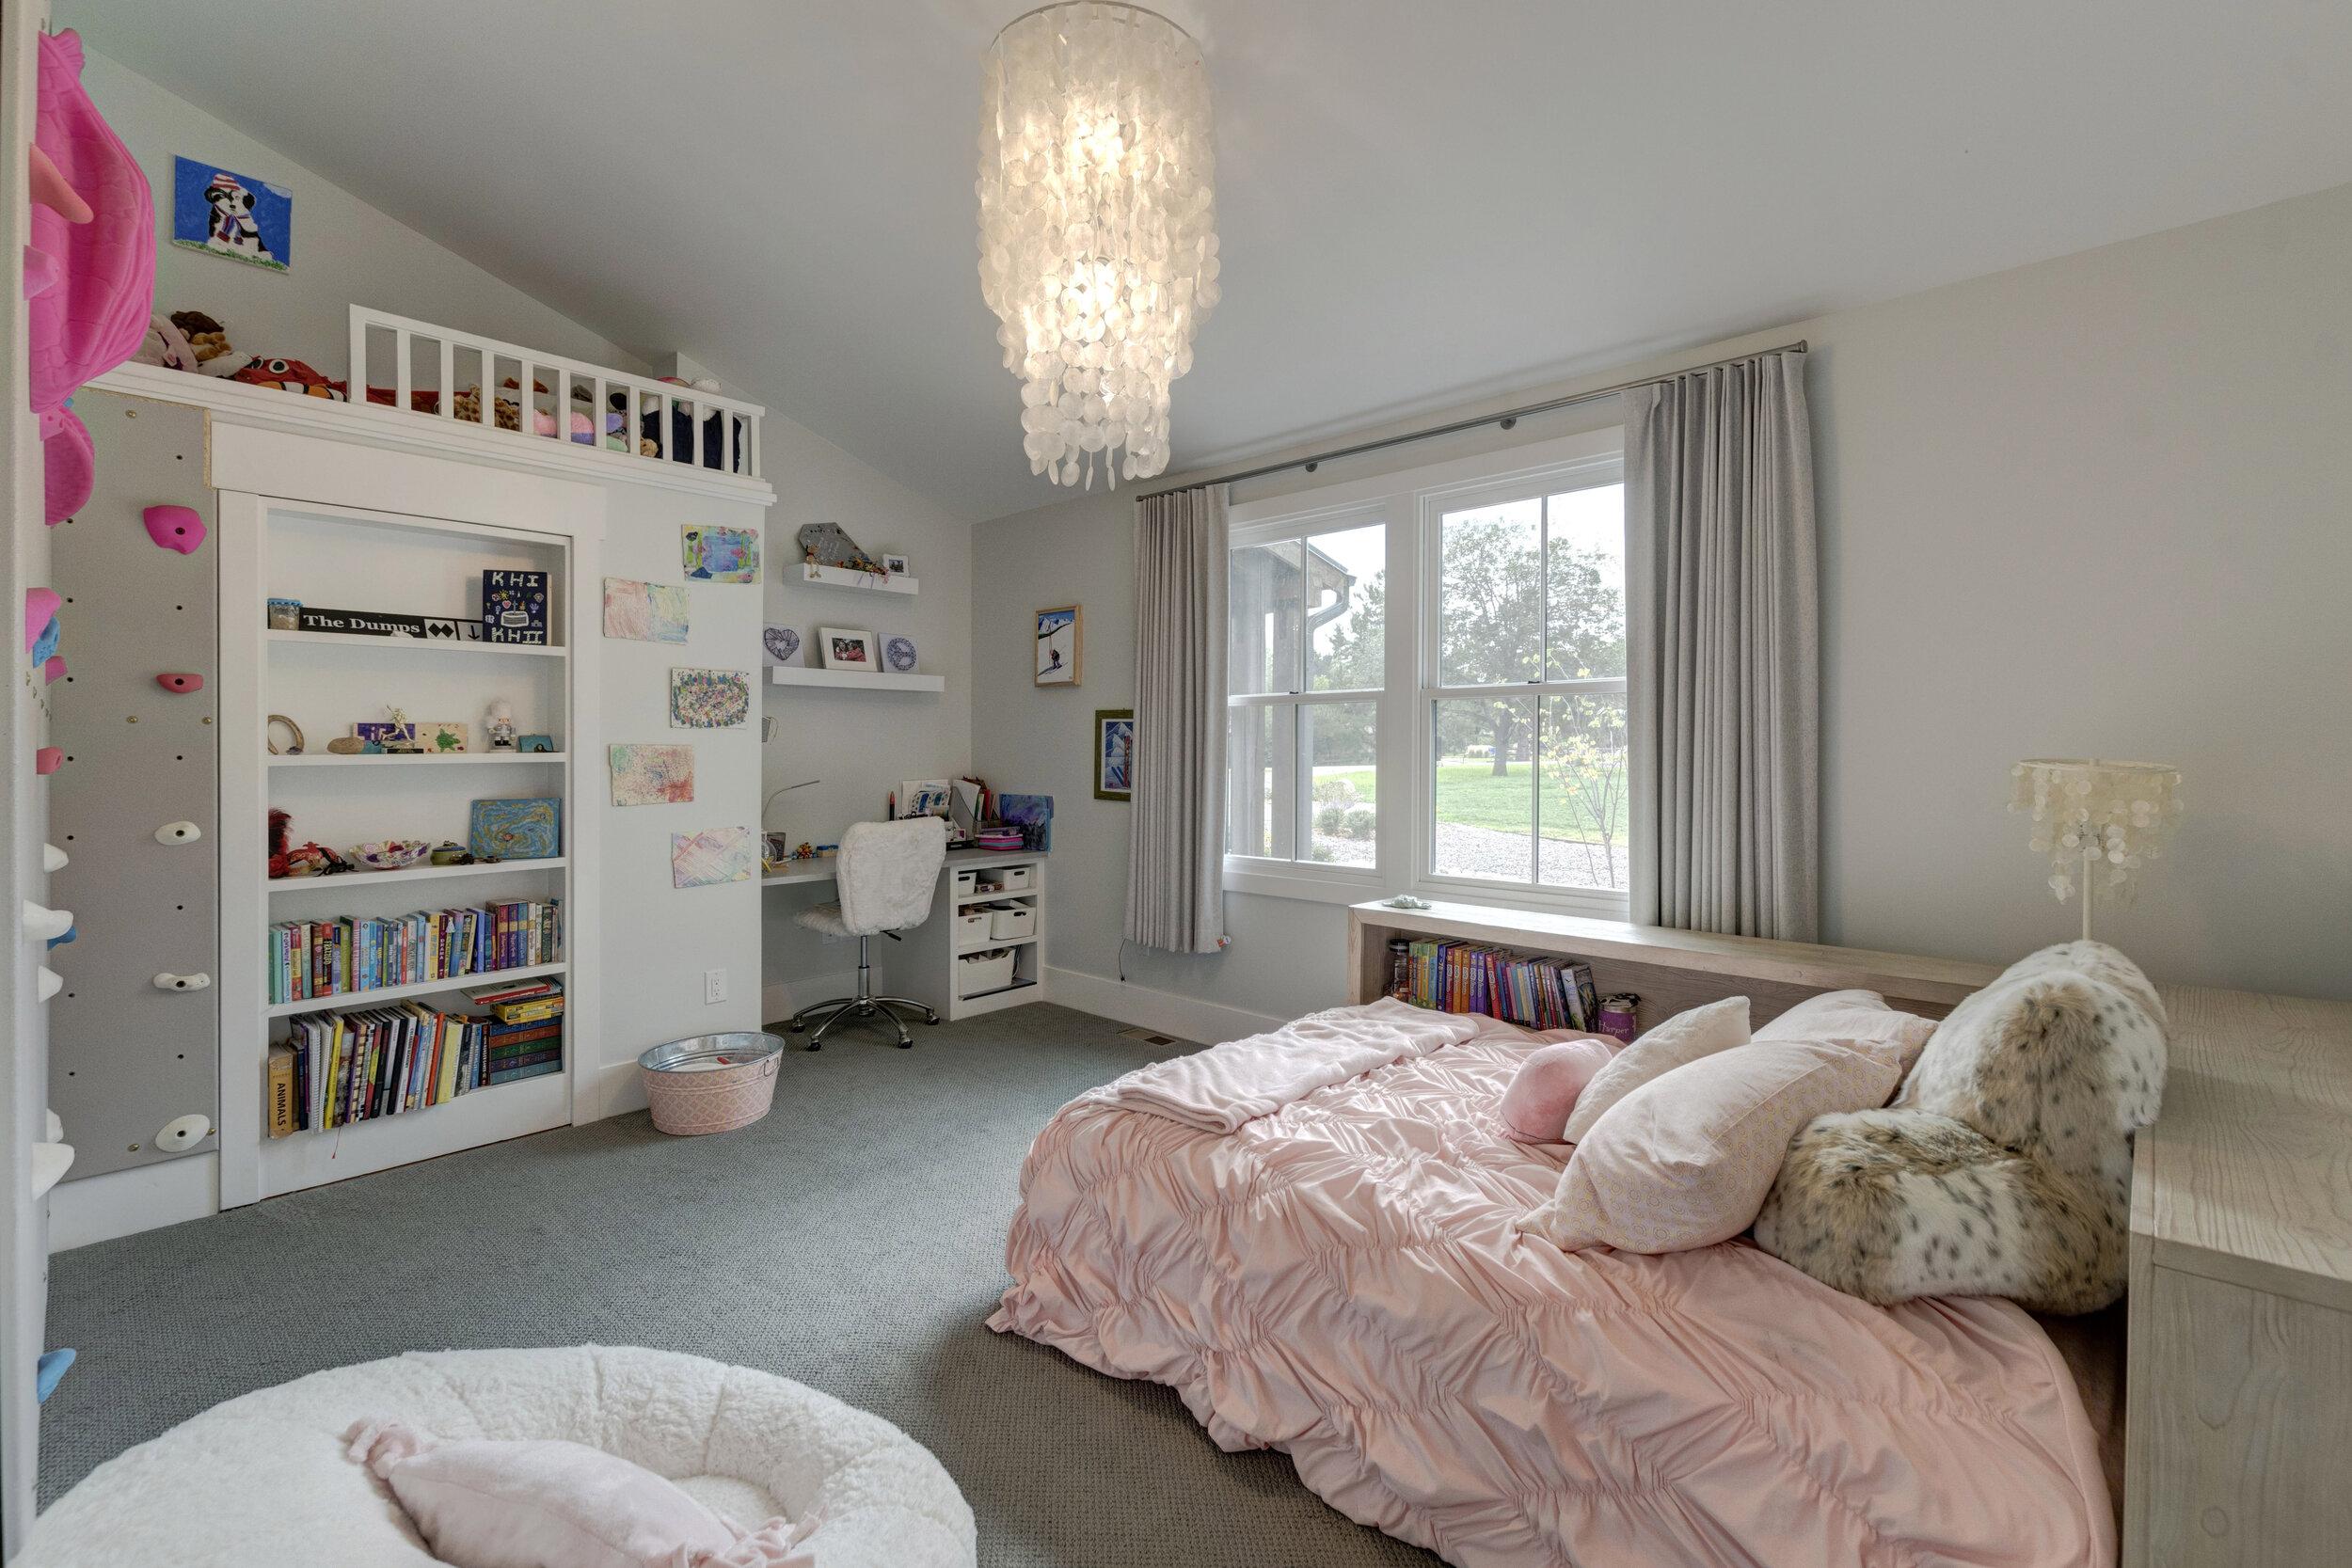 22a Bedroom2.jpg